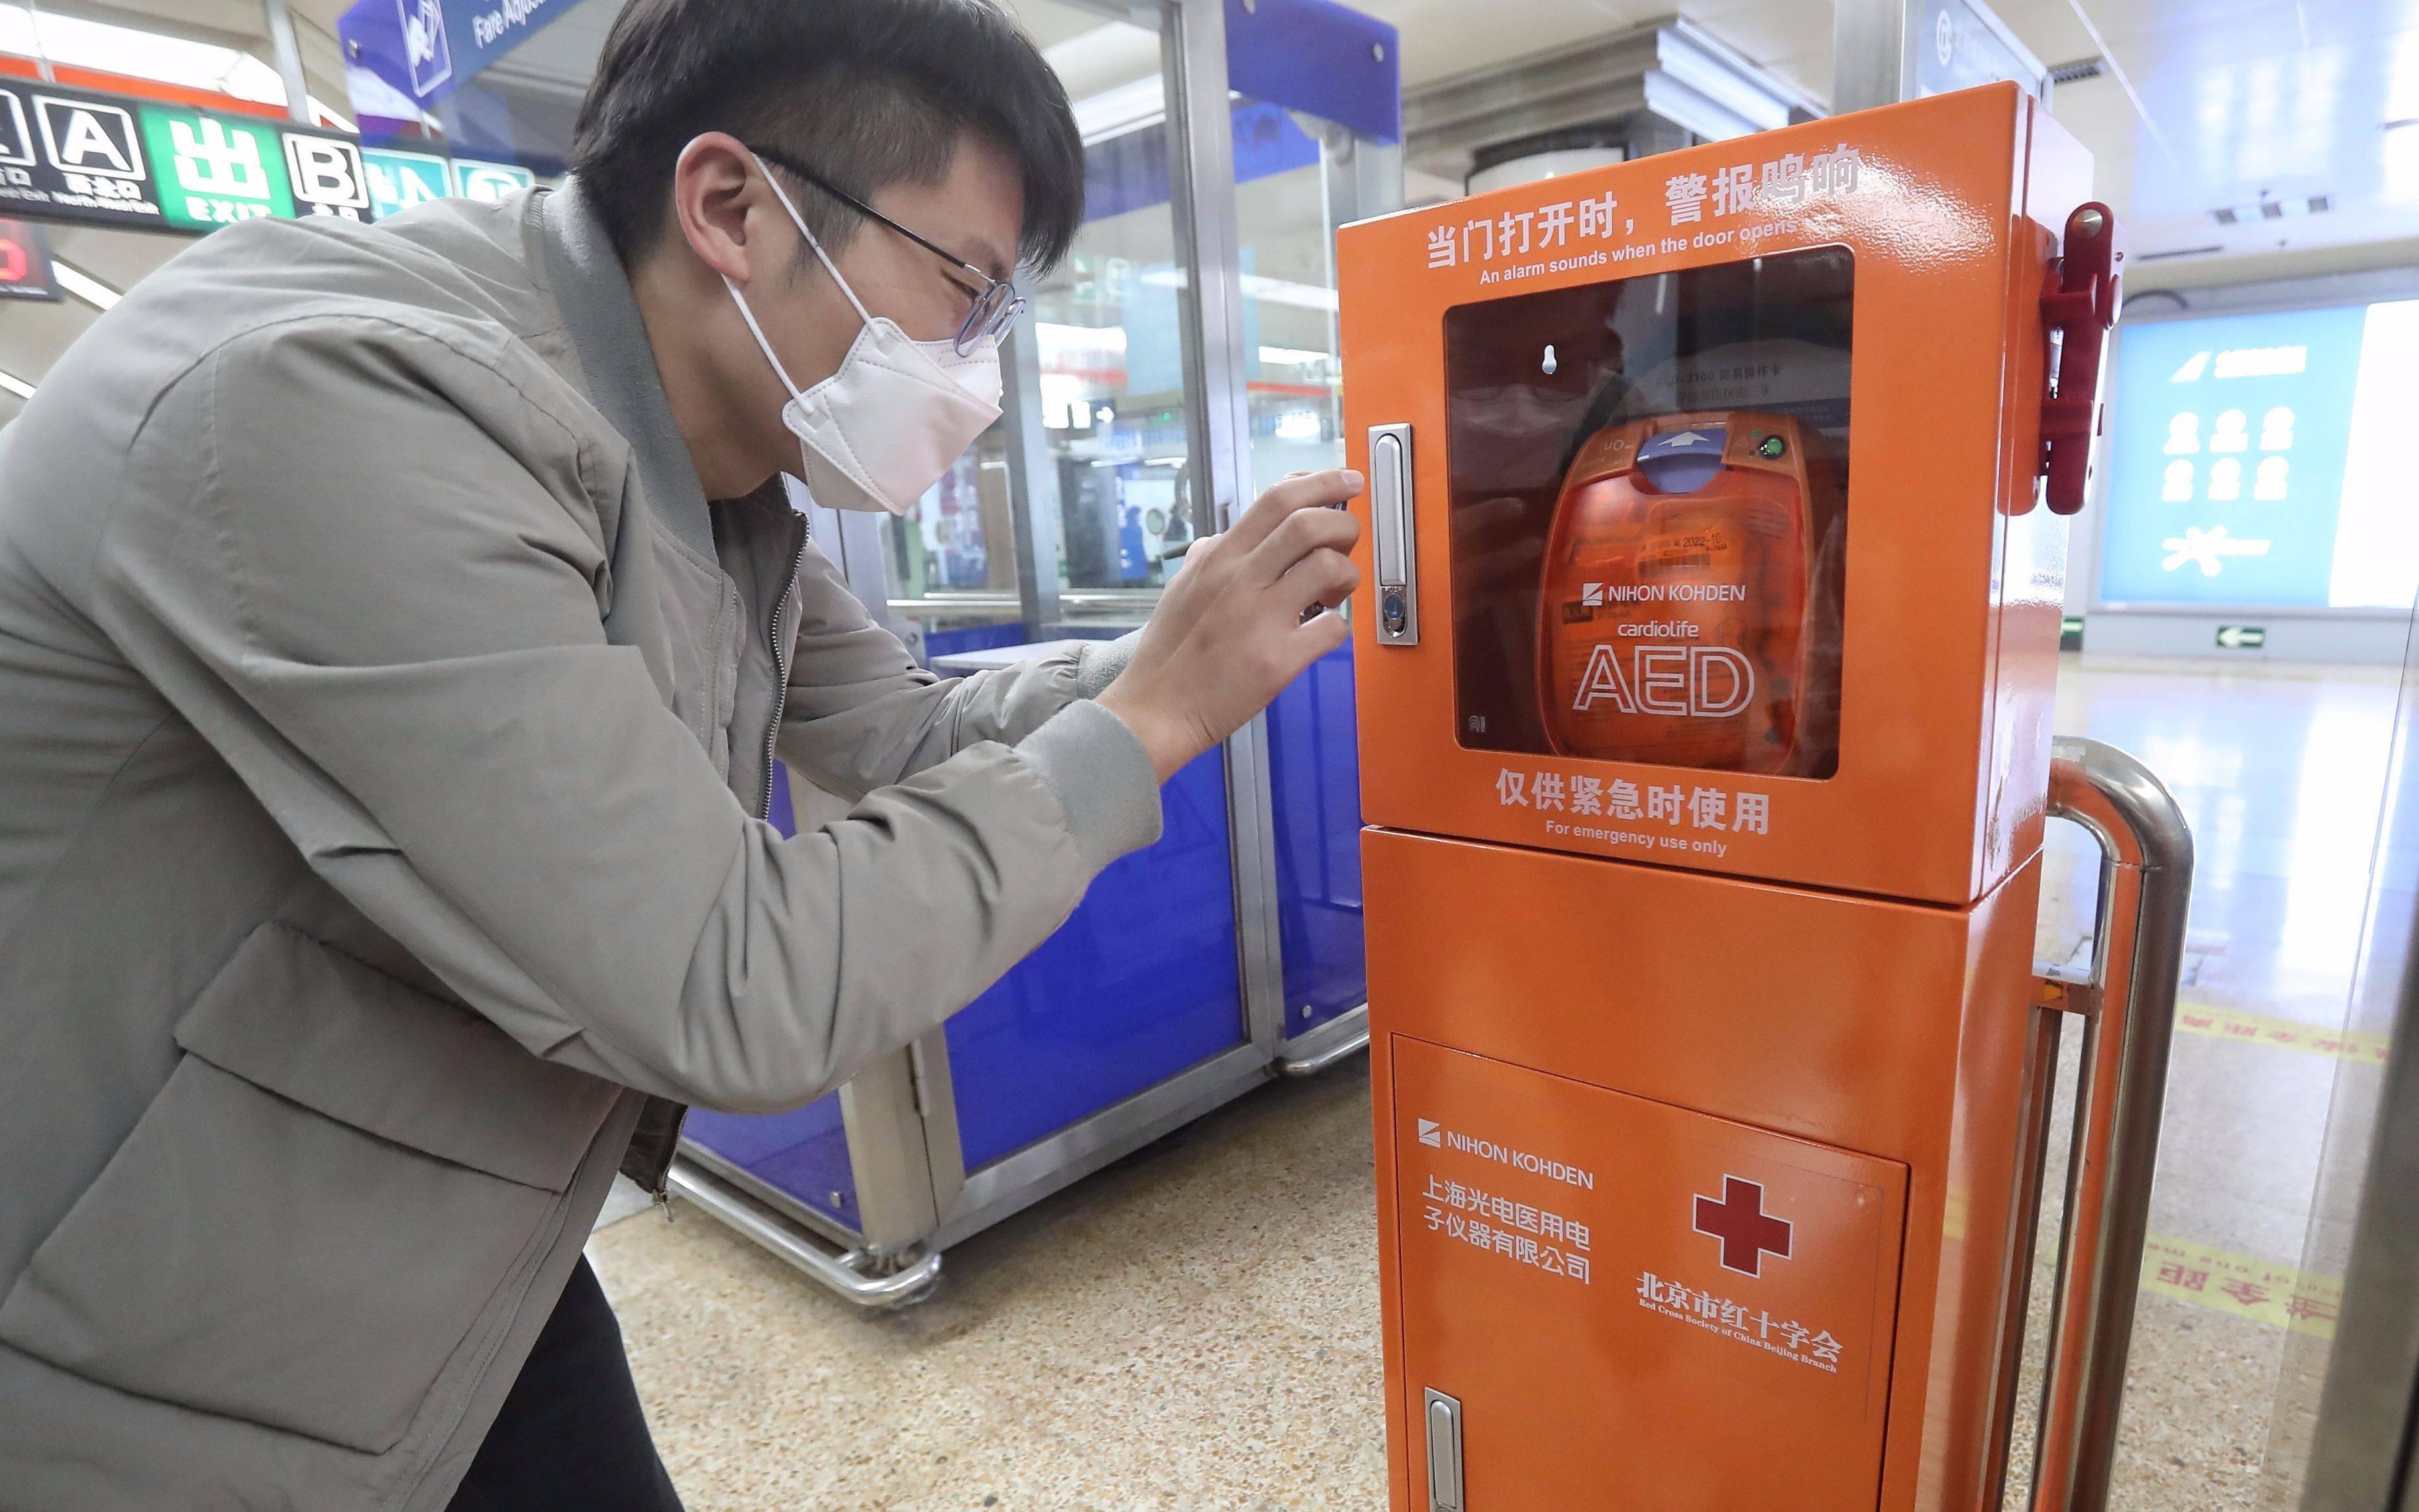 恒达注册AED设备进入北京地铁 救人你敢用吗?(图1)